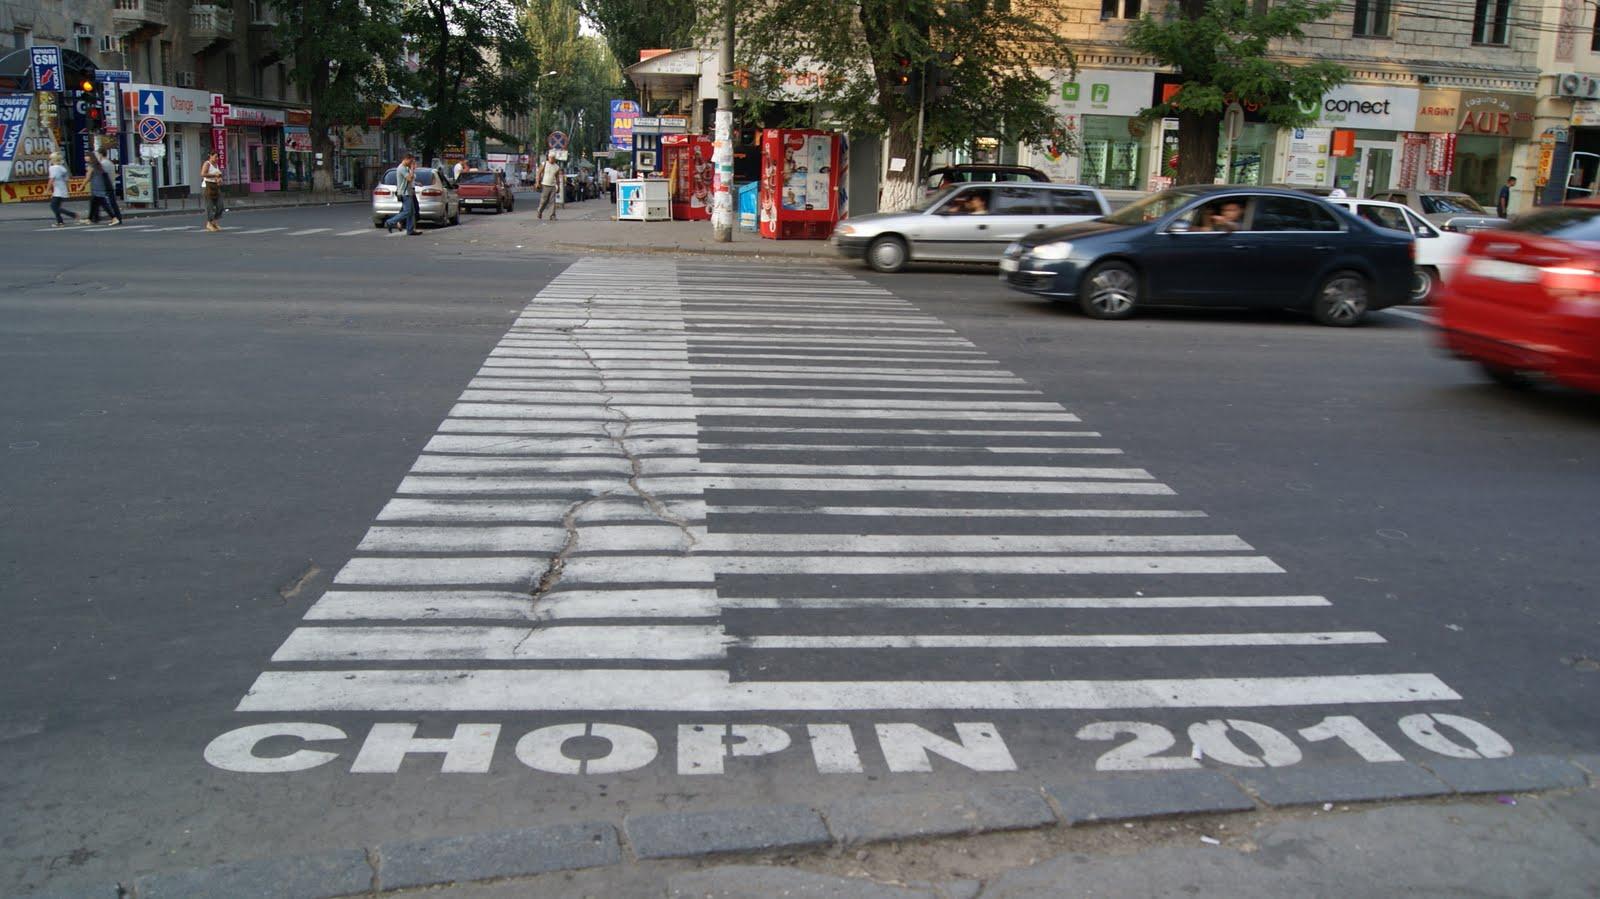 Paso-de-cebra-de-Chisinau-Moldavia.jpg